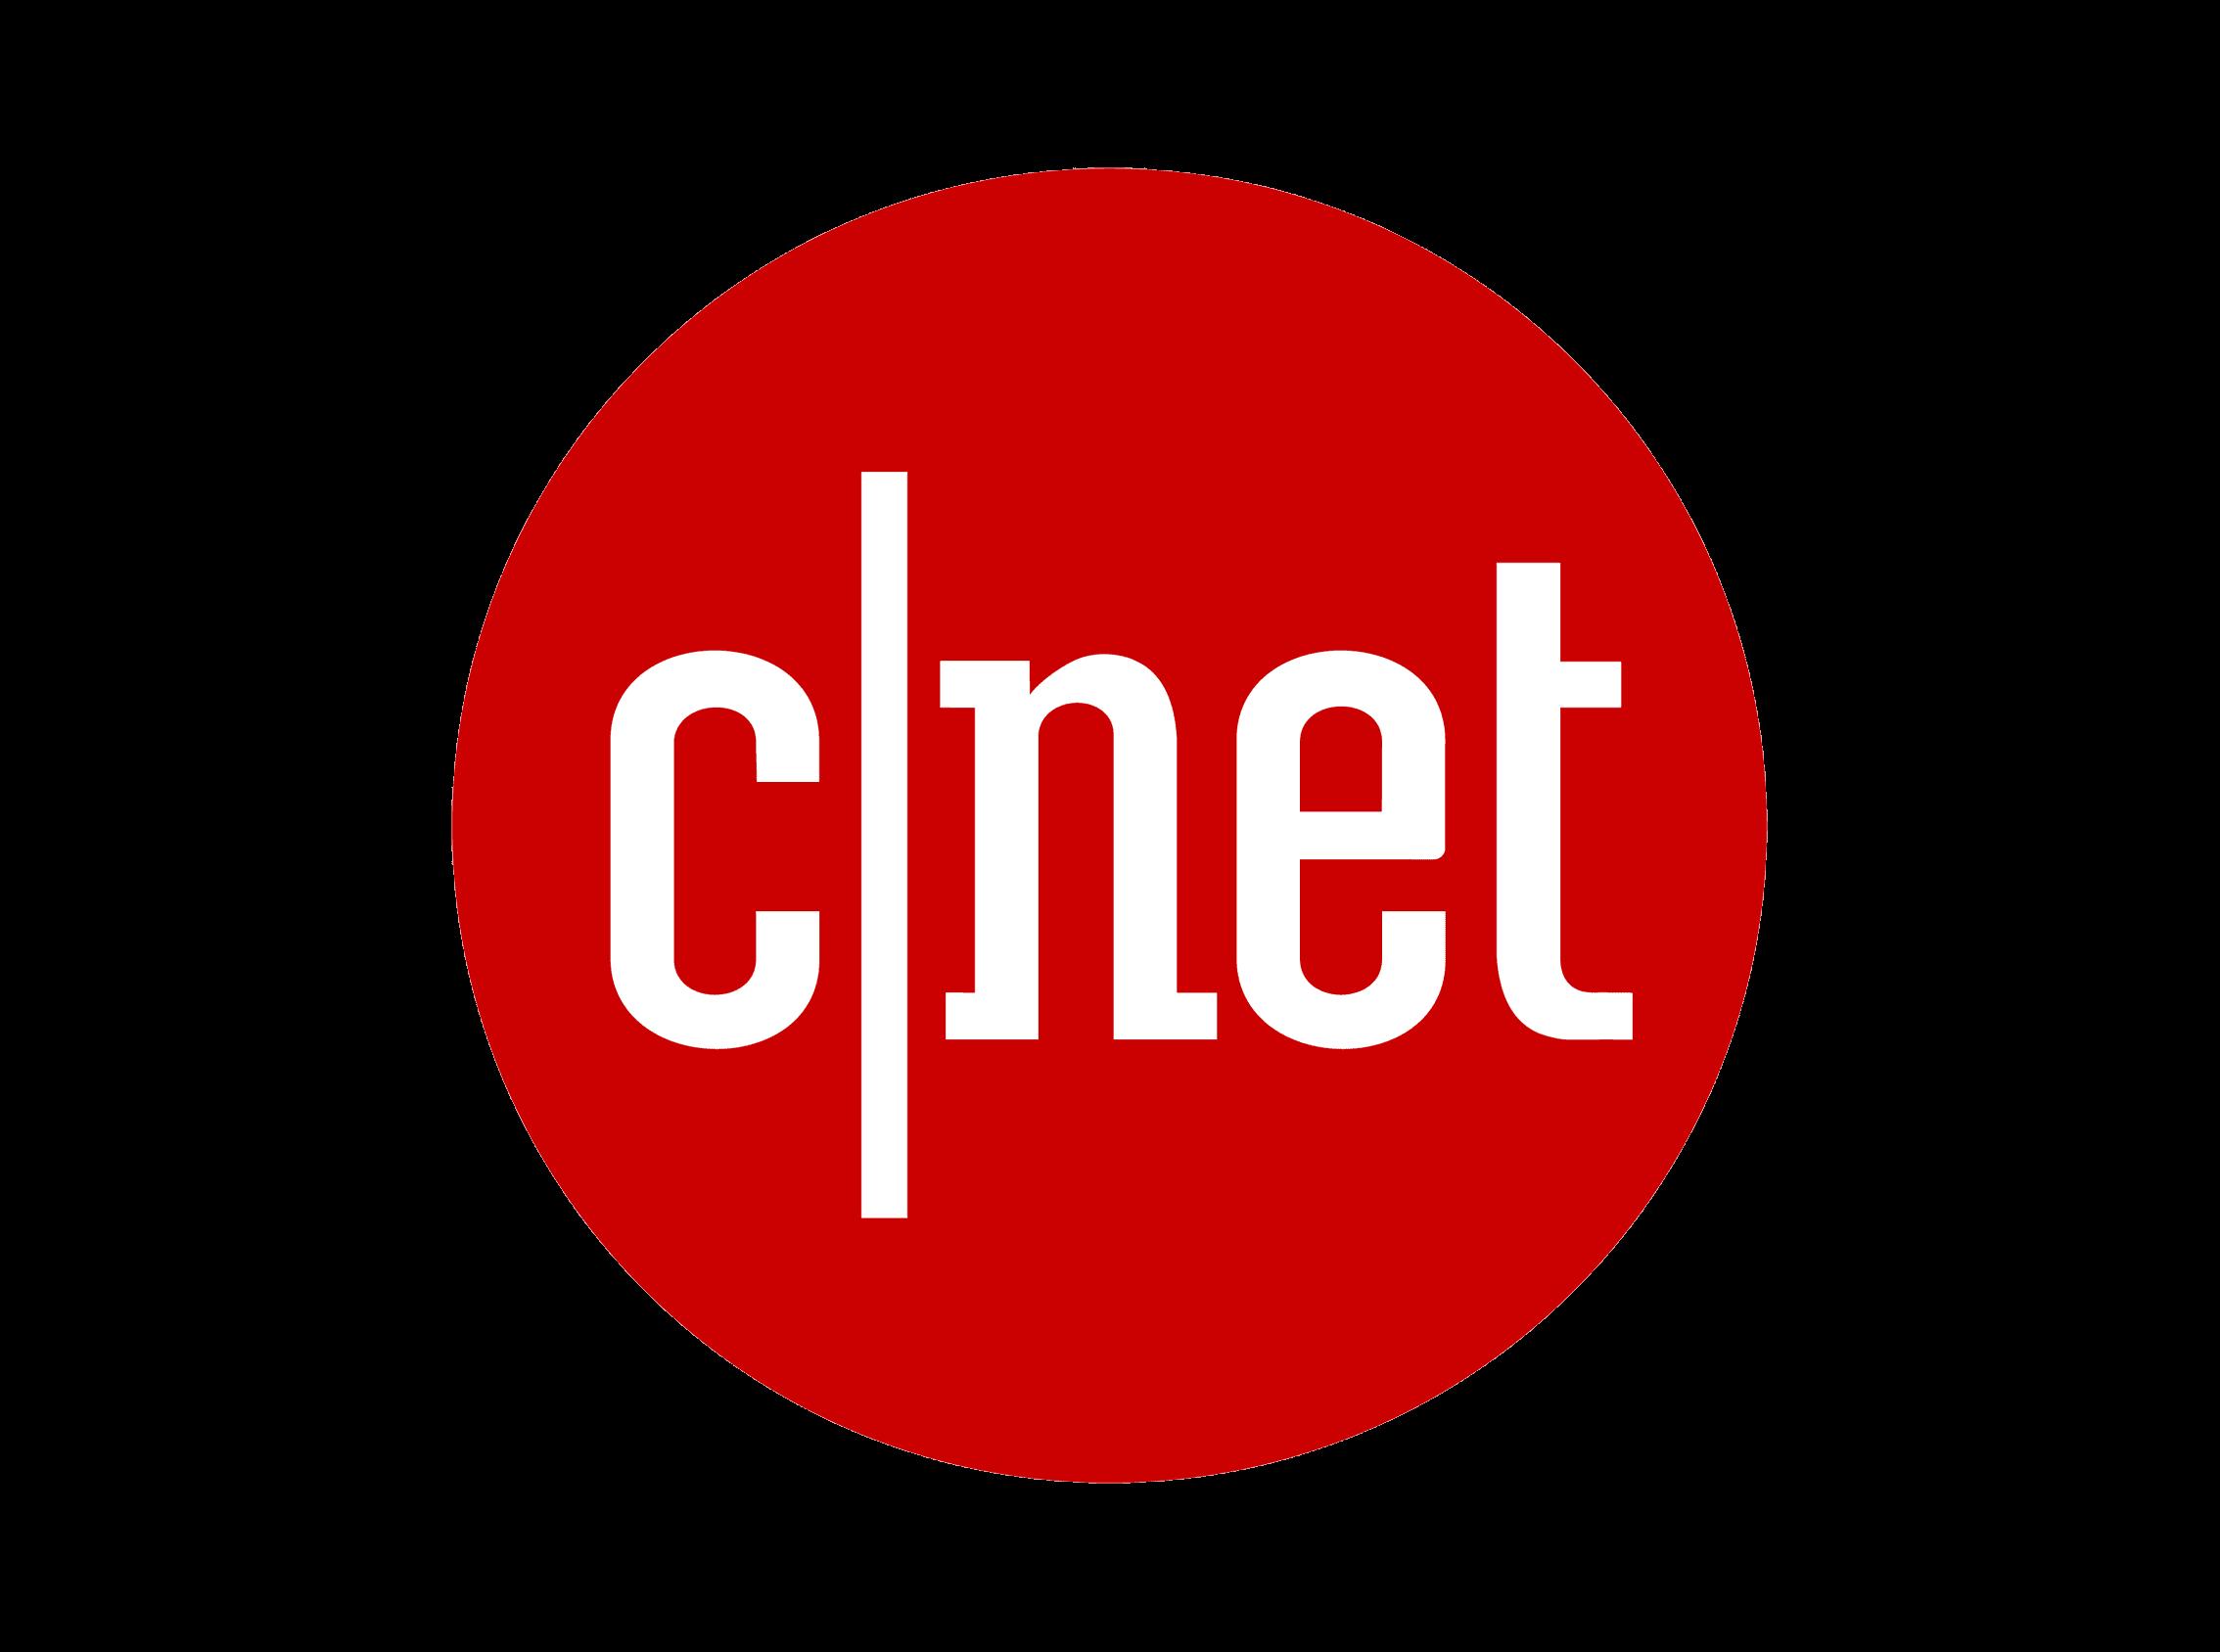 EGA Futura en CNET